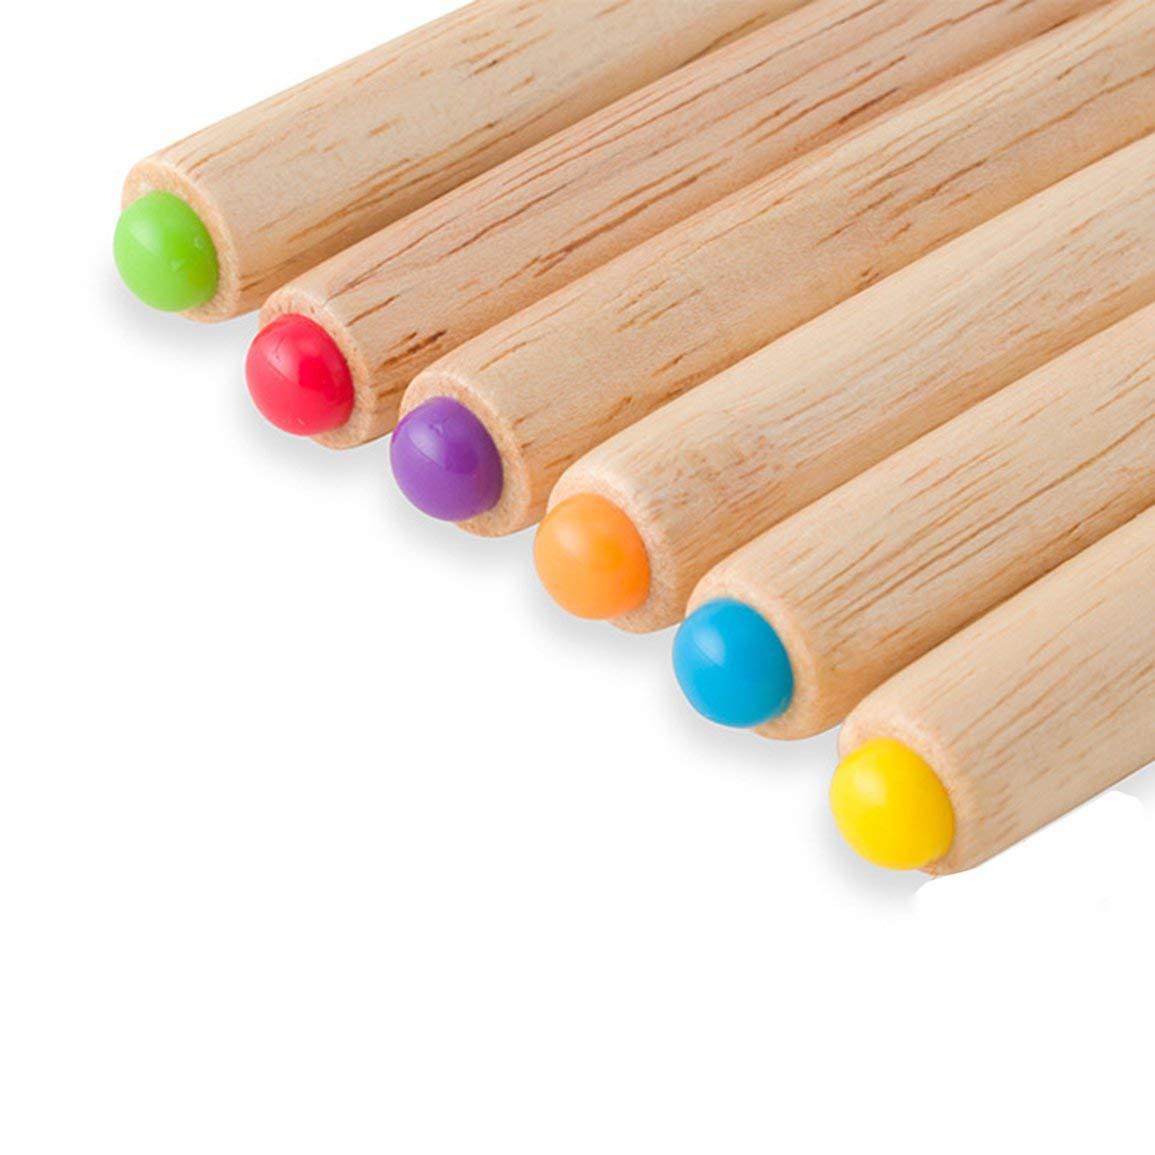 Colore: Argento Forchetta per Cioccolato in Acciaio Inox Forcelle con Piatto Caldo Formaggio Frutta Forchetta per Dessert Fonduta Melting Spiedo Utensili da Cucina